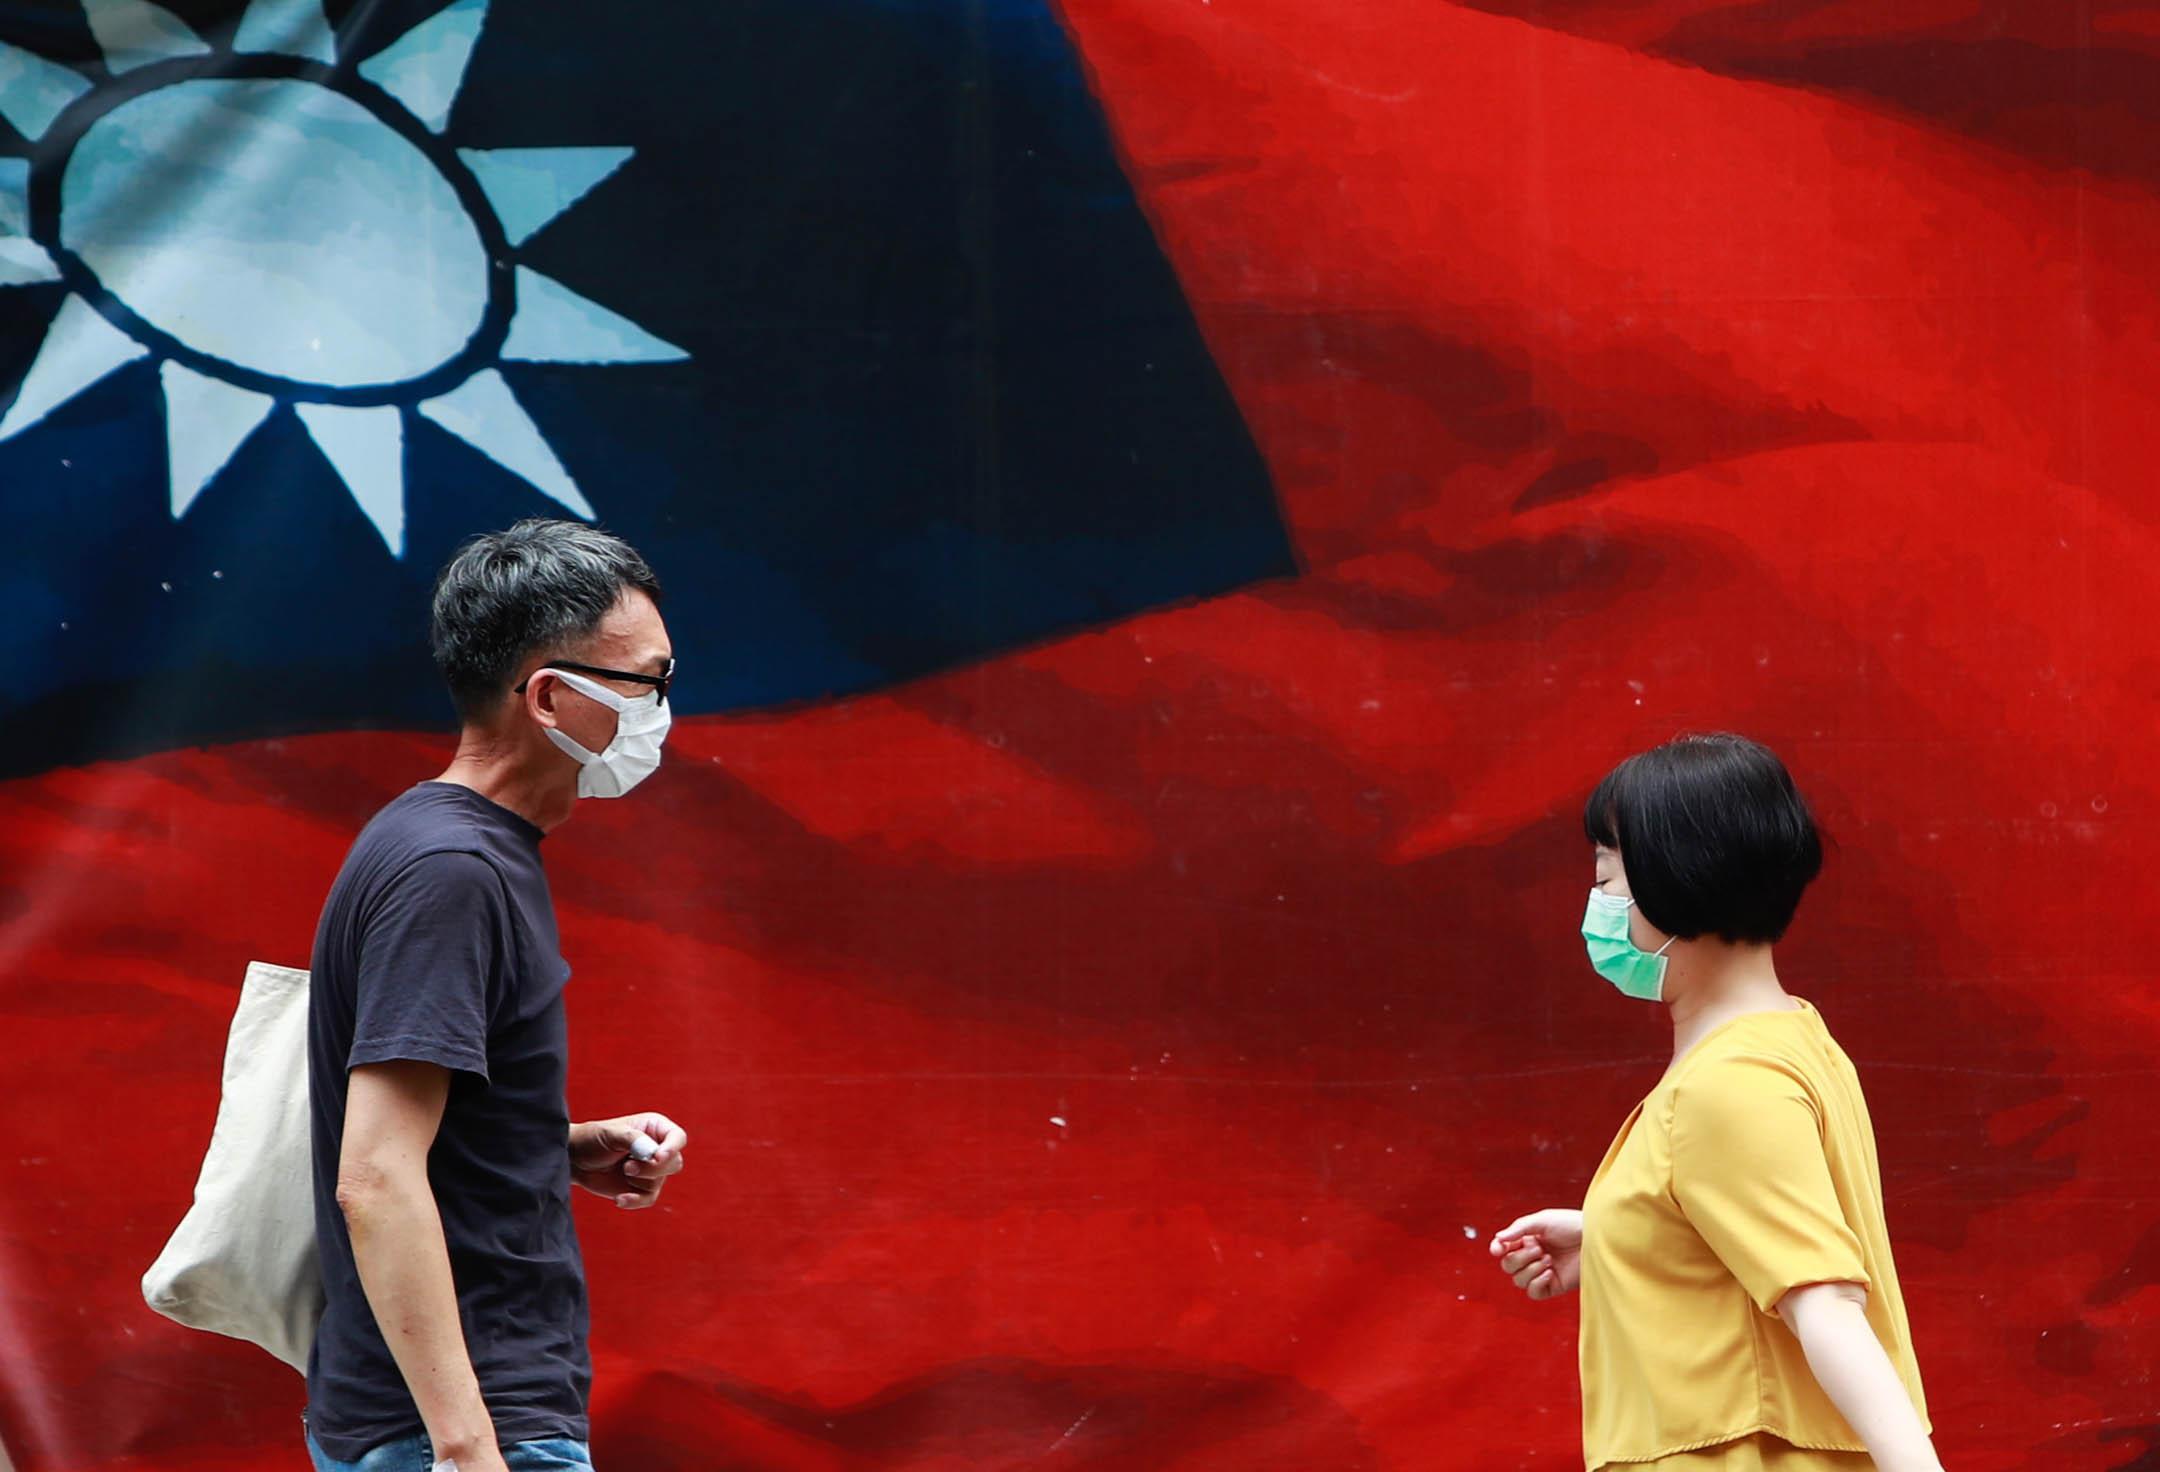 2021年5月17日台灣台北,台灣增加了 333 例國內病例和 2 例進口病例,人們戴著口罩走過台灣國旗。 攝:Ceng Shou Yi/NurPhoto via Getty Images